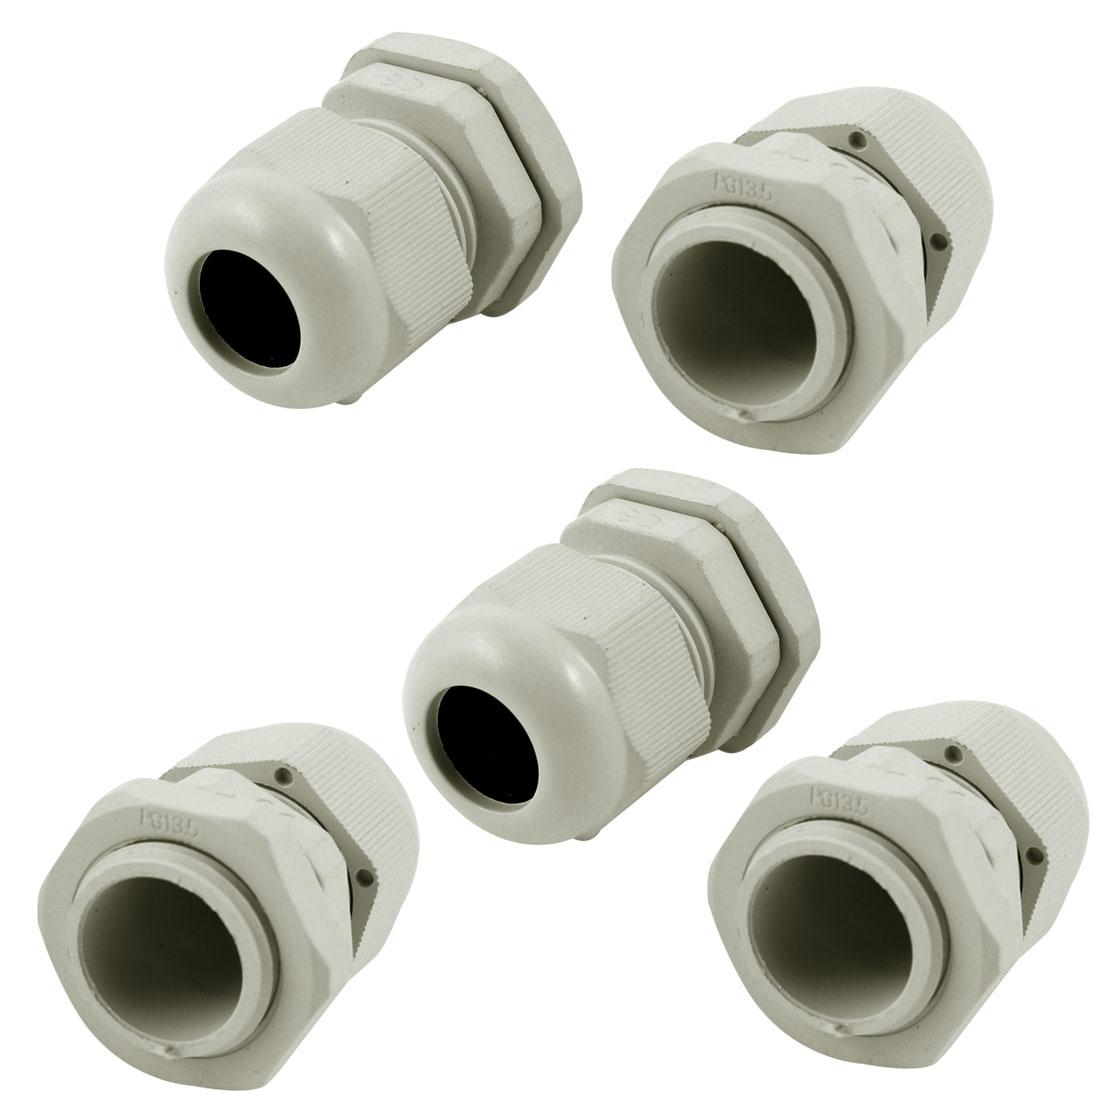 5 Pcs PG13.5 White Plastic Waterproof Connectors Cable Glands